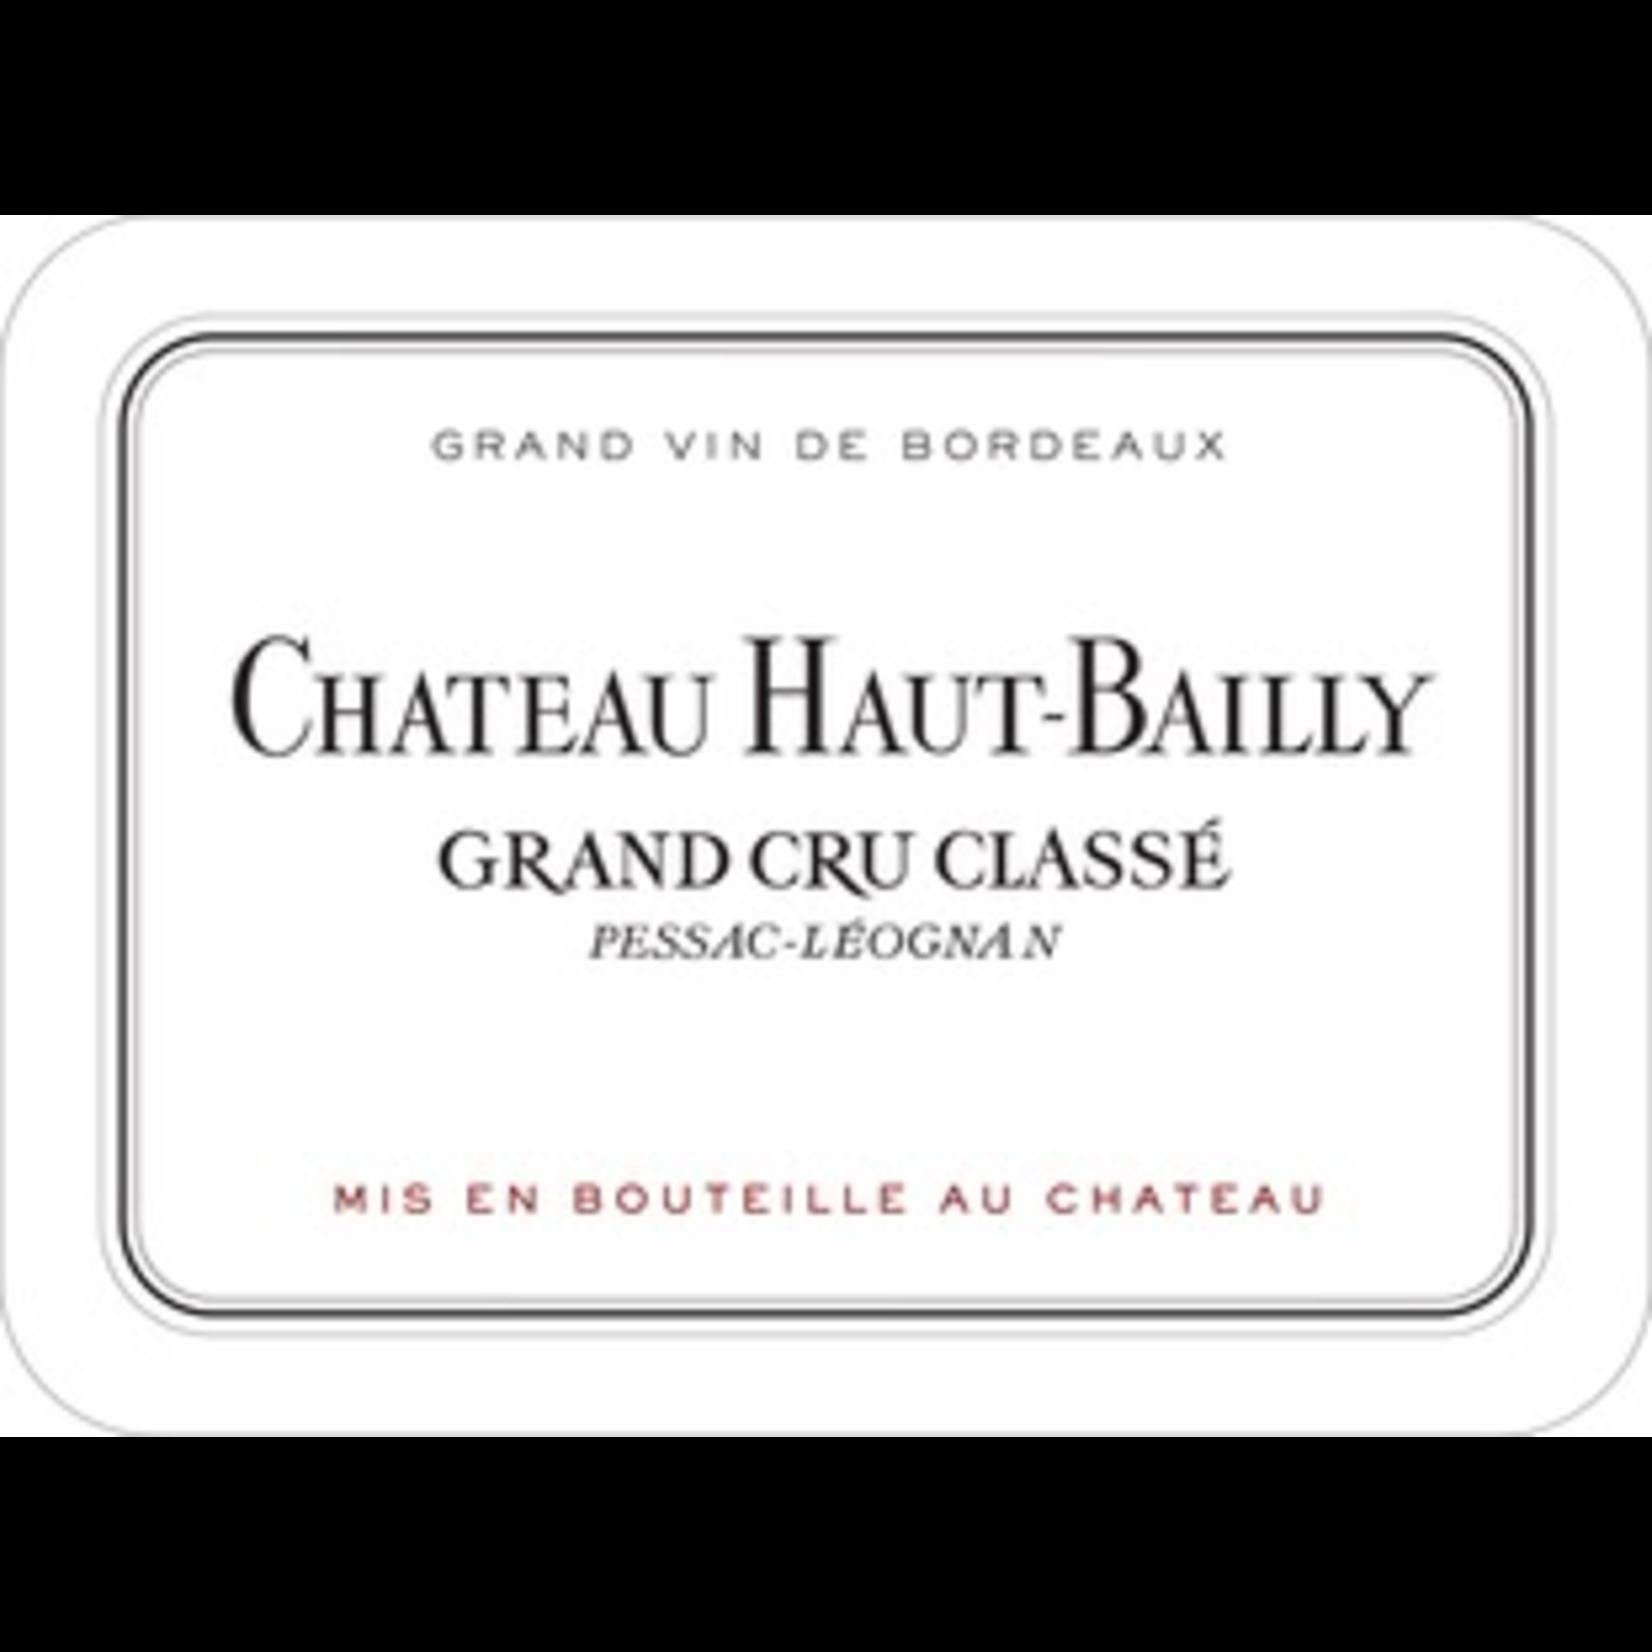 Wine Chateau Haut-Bailly, Grand Cru Classe Pessac-Leognan 2009